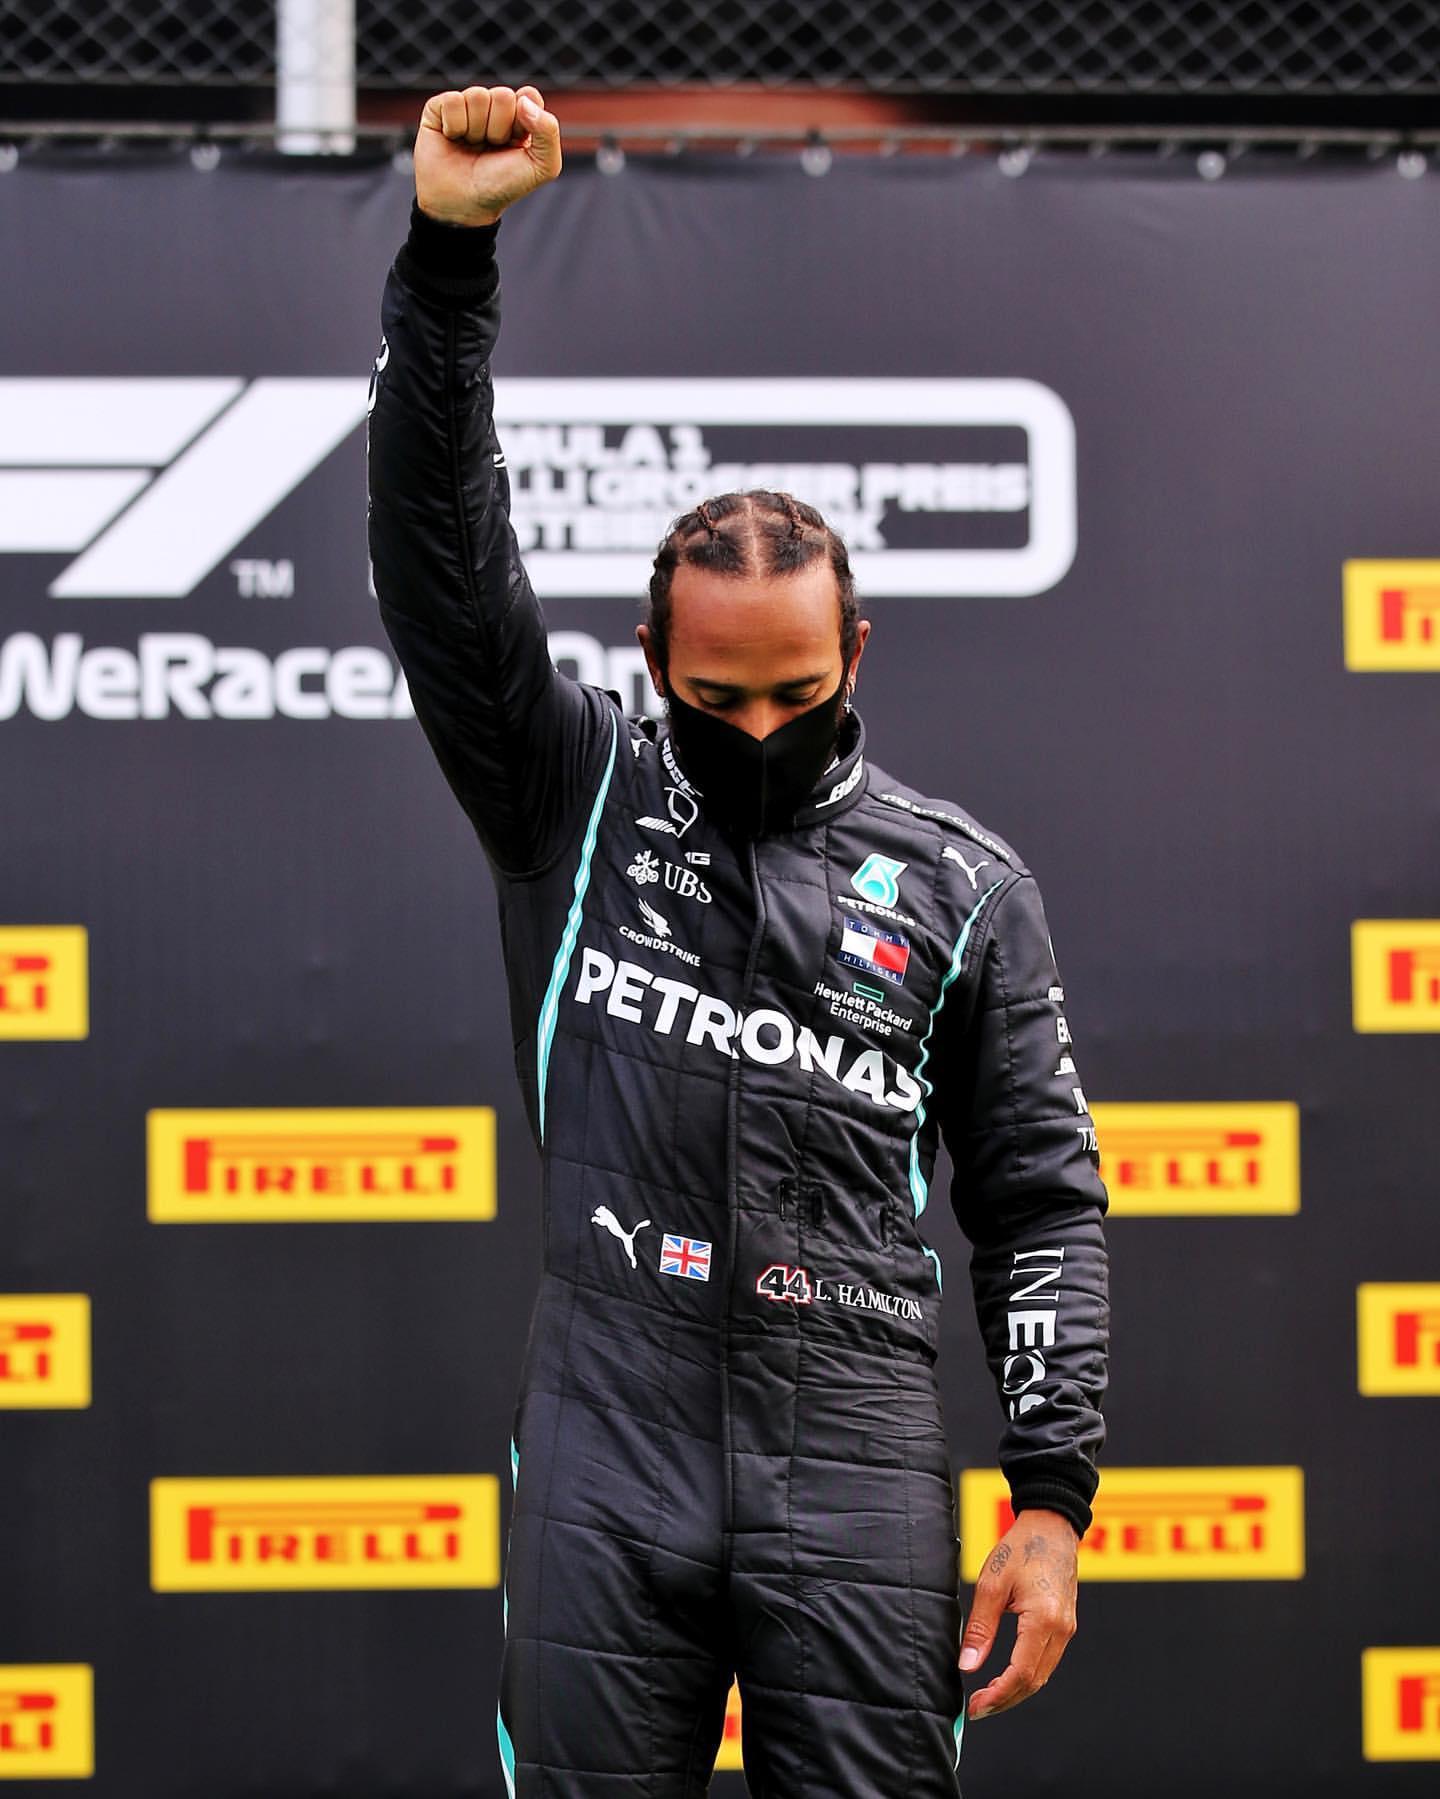 詹姆斯转发F1汉密尔顿关于暗人平权帖子:向你致敬!